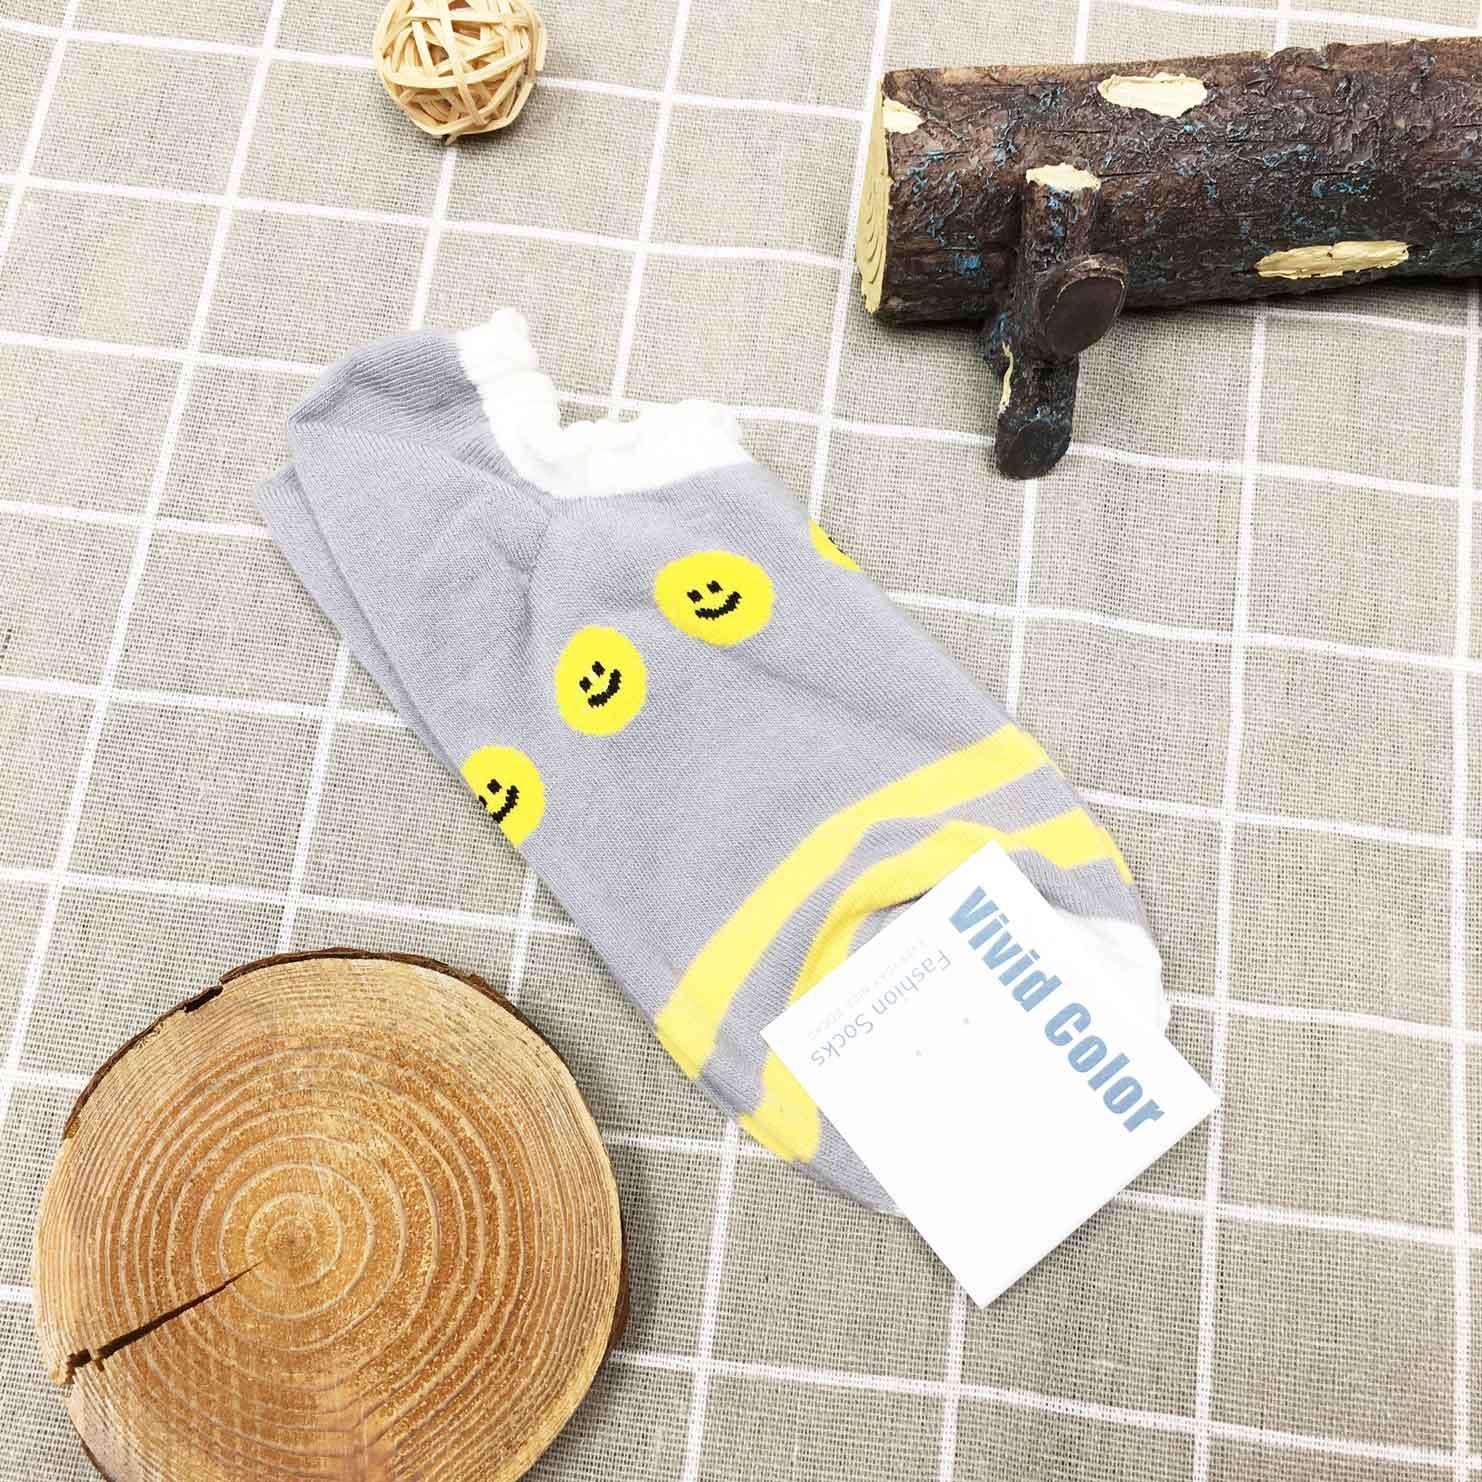 韓國襪 笑臉 條紋 灰 短襪 止滑襪